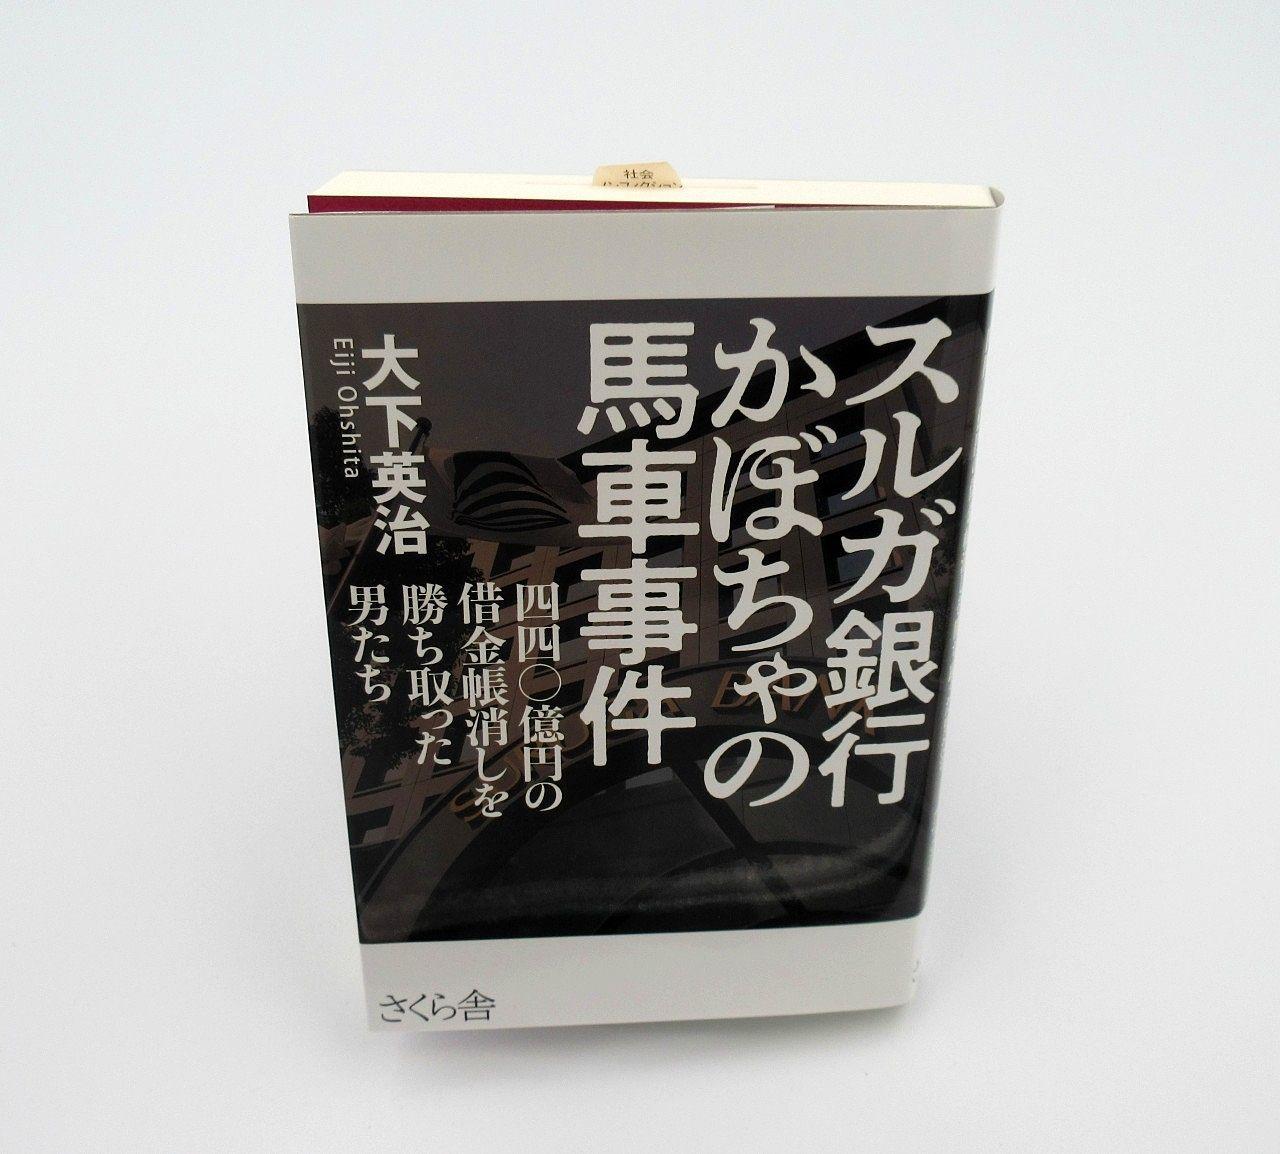 不動産関連の本、今月のコレ♫【 R3.7】